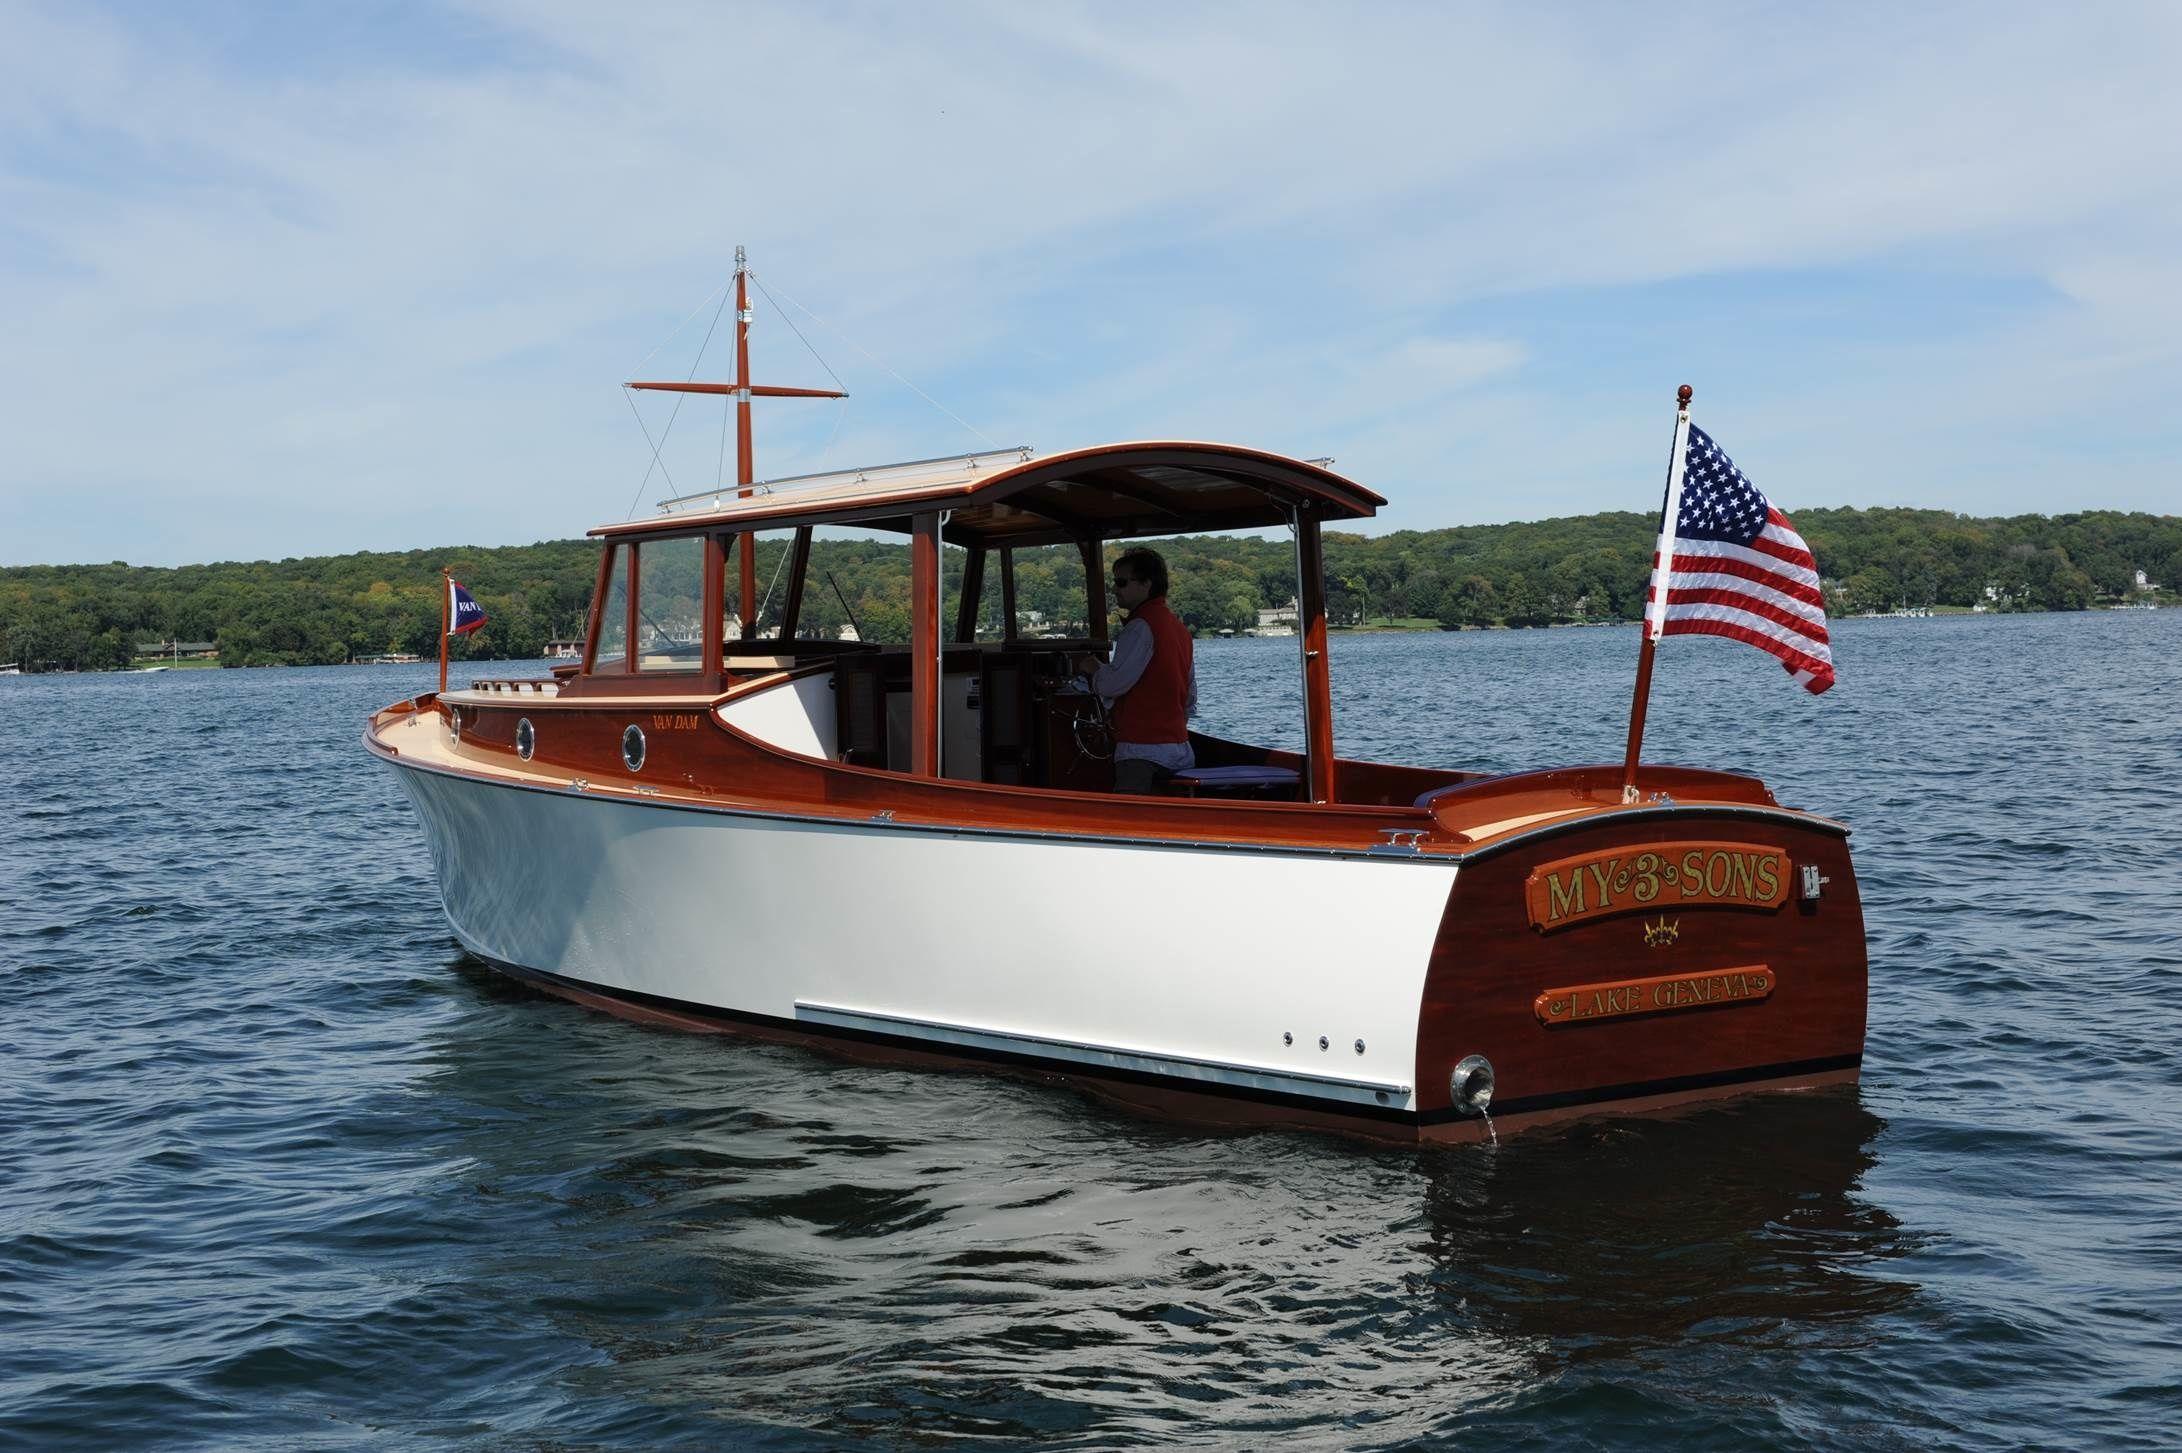 My 3 Sons vandamboats.com